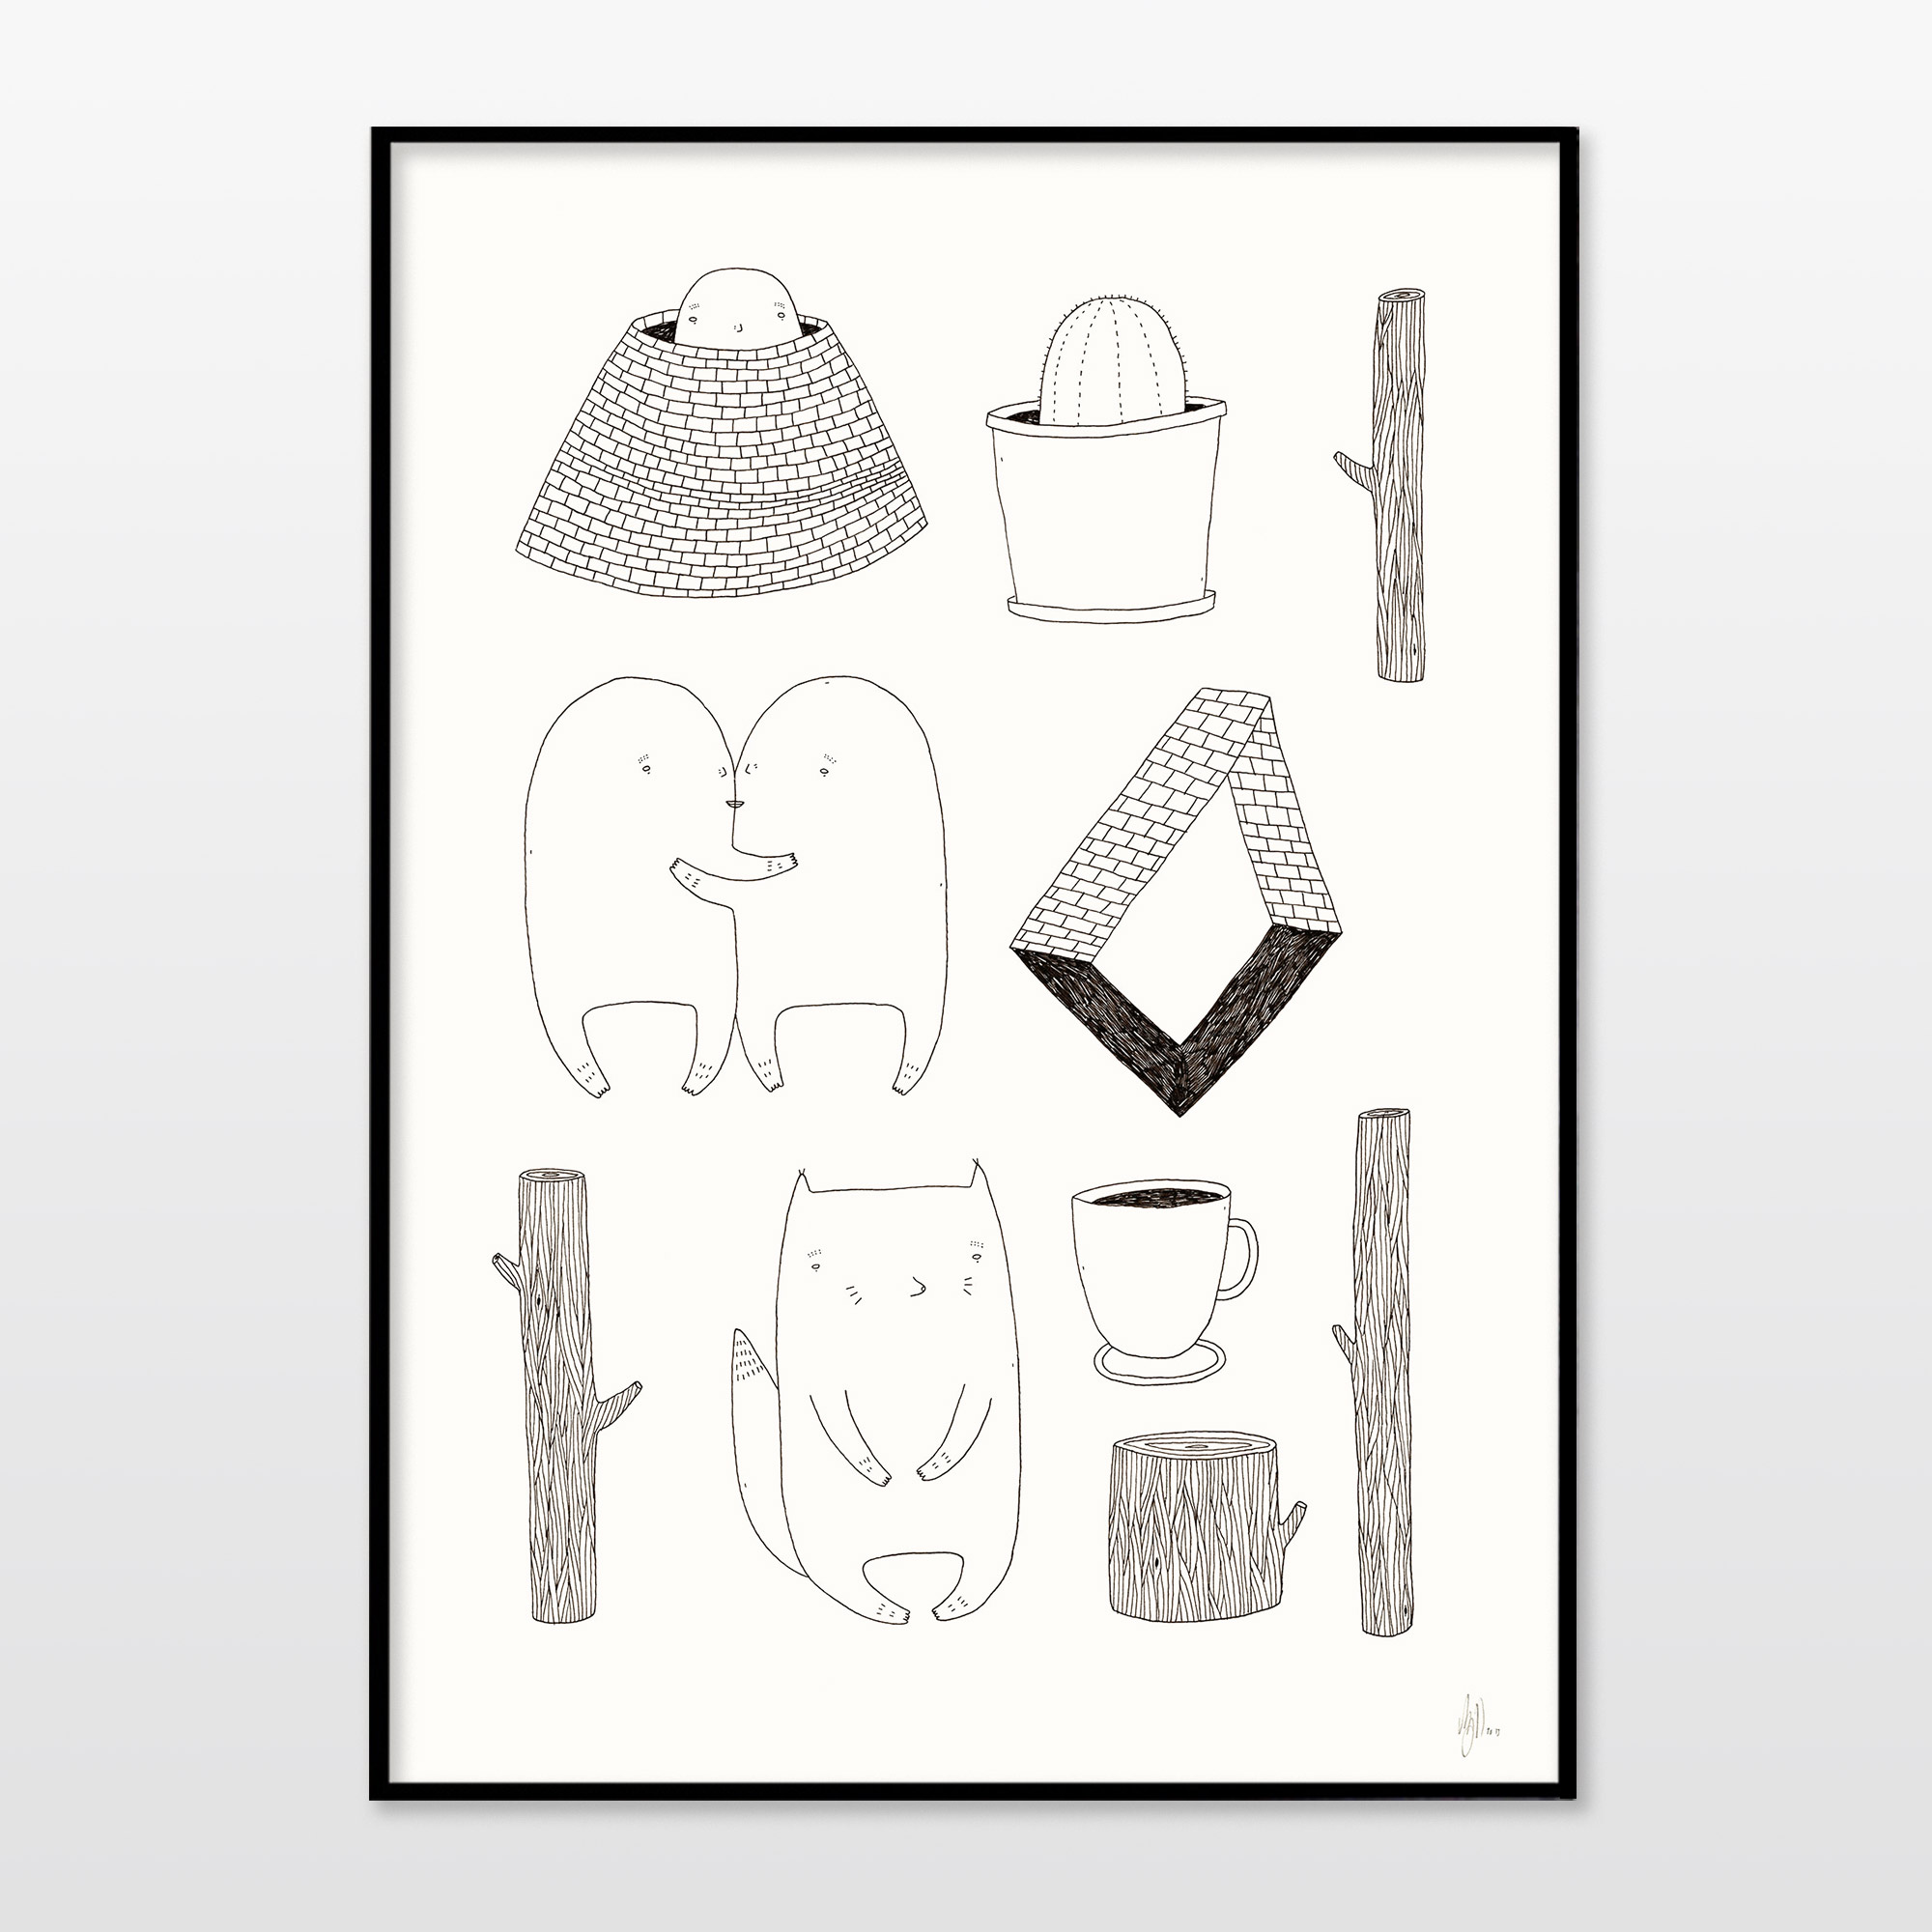 kunsttryk, gicleé, børnevenlige, figurative, illustrative, minimalistiske, tegneserier, humor, stemninger, kæledyr, sorte, hvide, blæk, papir, sjove, københavn, sød, dansk, dekorative, design, interiør, bolig-indretning, moderne, moderne-kunst, nordisk, plakater, tryk, skandinavisk, Køb original kunst og kunstplakater. Malerier, tegninger, limited edition kunsttryk & plakater af dygtige kunstnere.